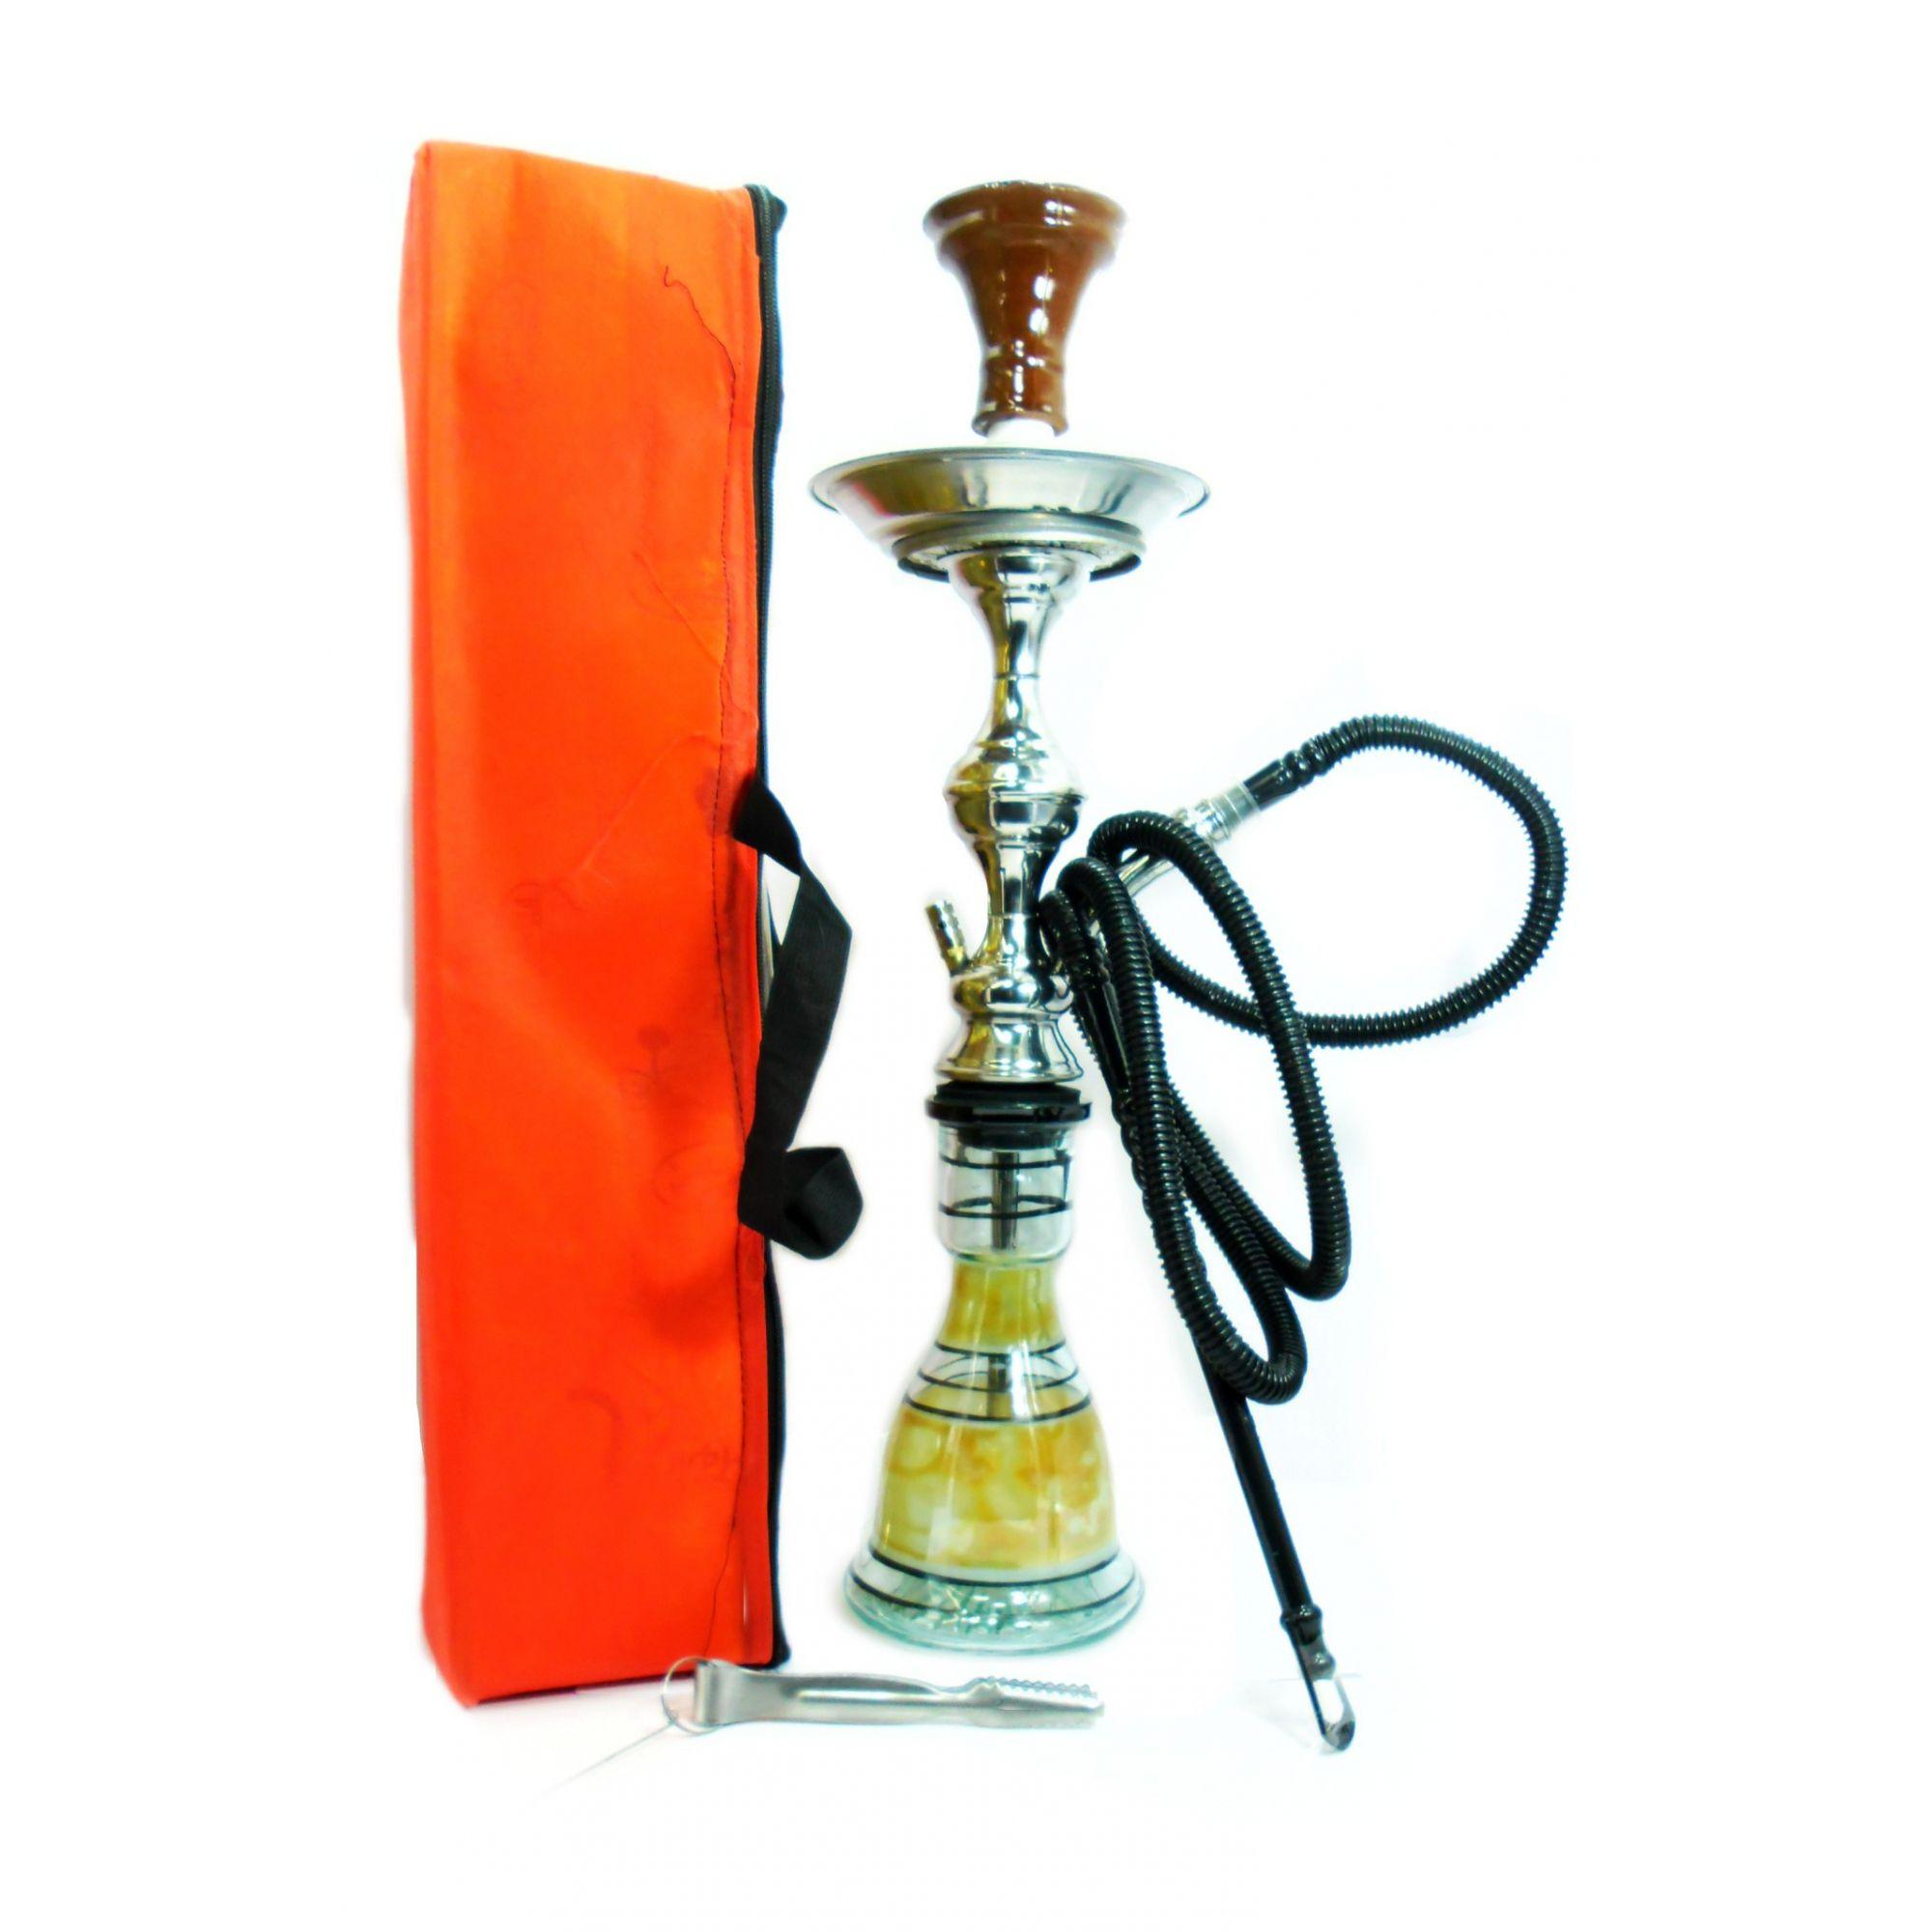 Narguile Egípcio 56cm. Kit com controlador de calor Yahya e fogareiro elétrico panelinha e carvão.